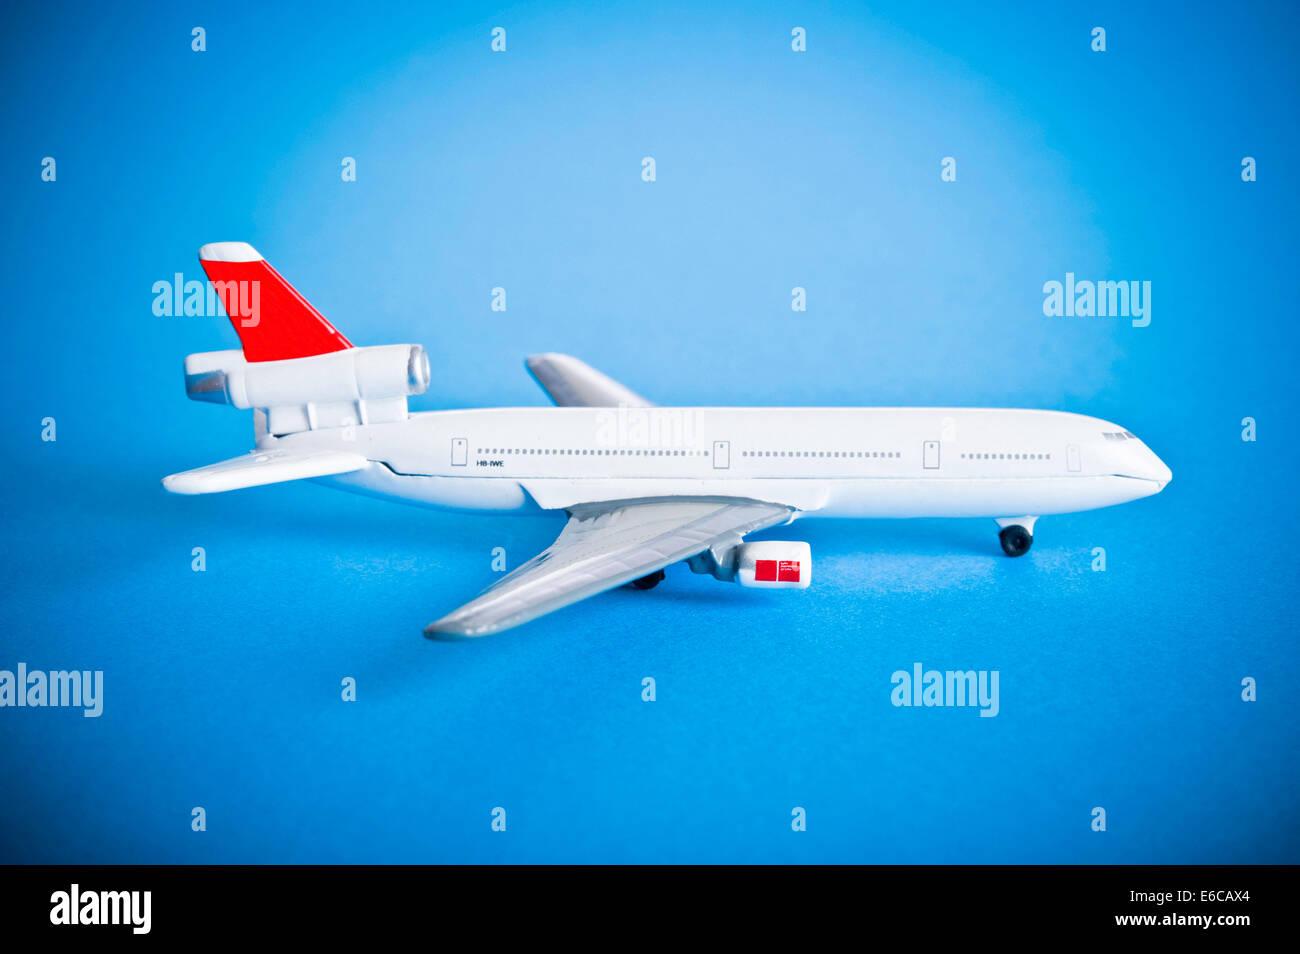 model airplane for passenger transport - Stock Image